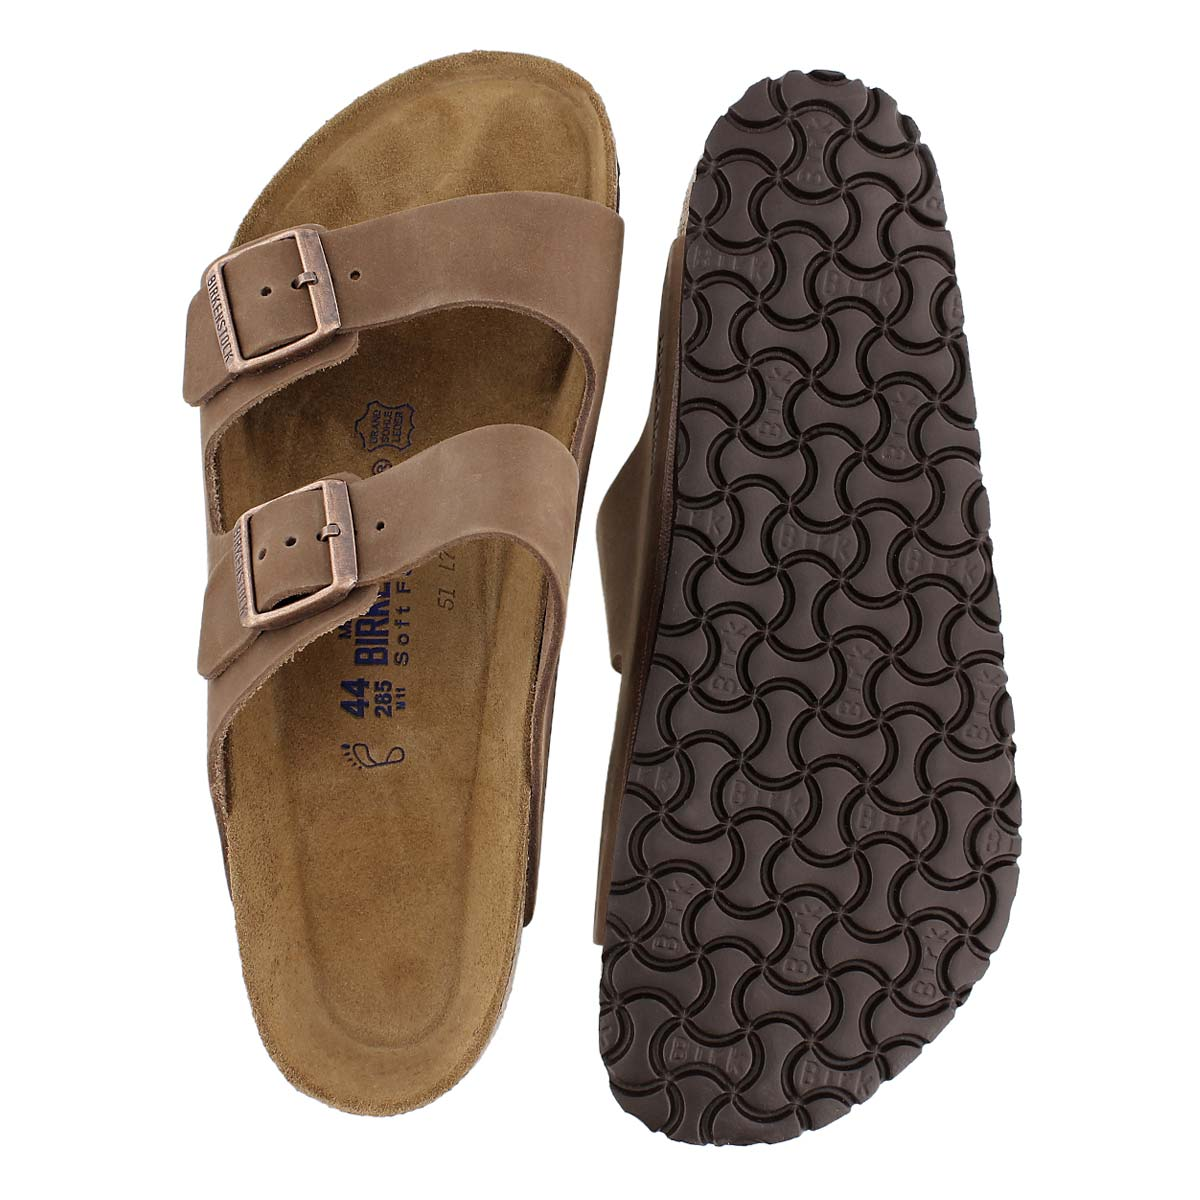 Mns Arizona cocoa 2 strap sandal SF